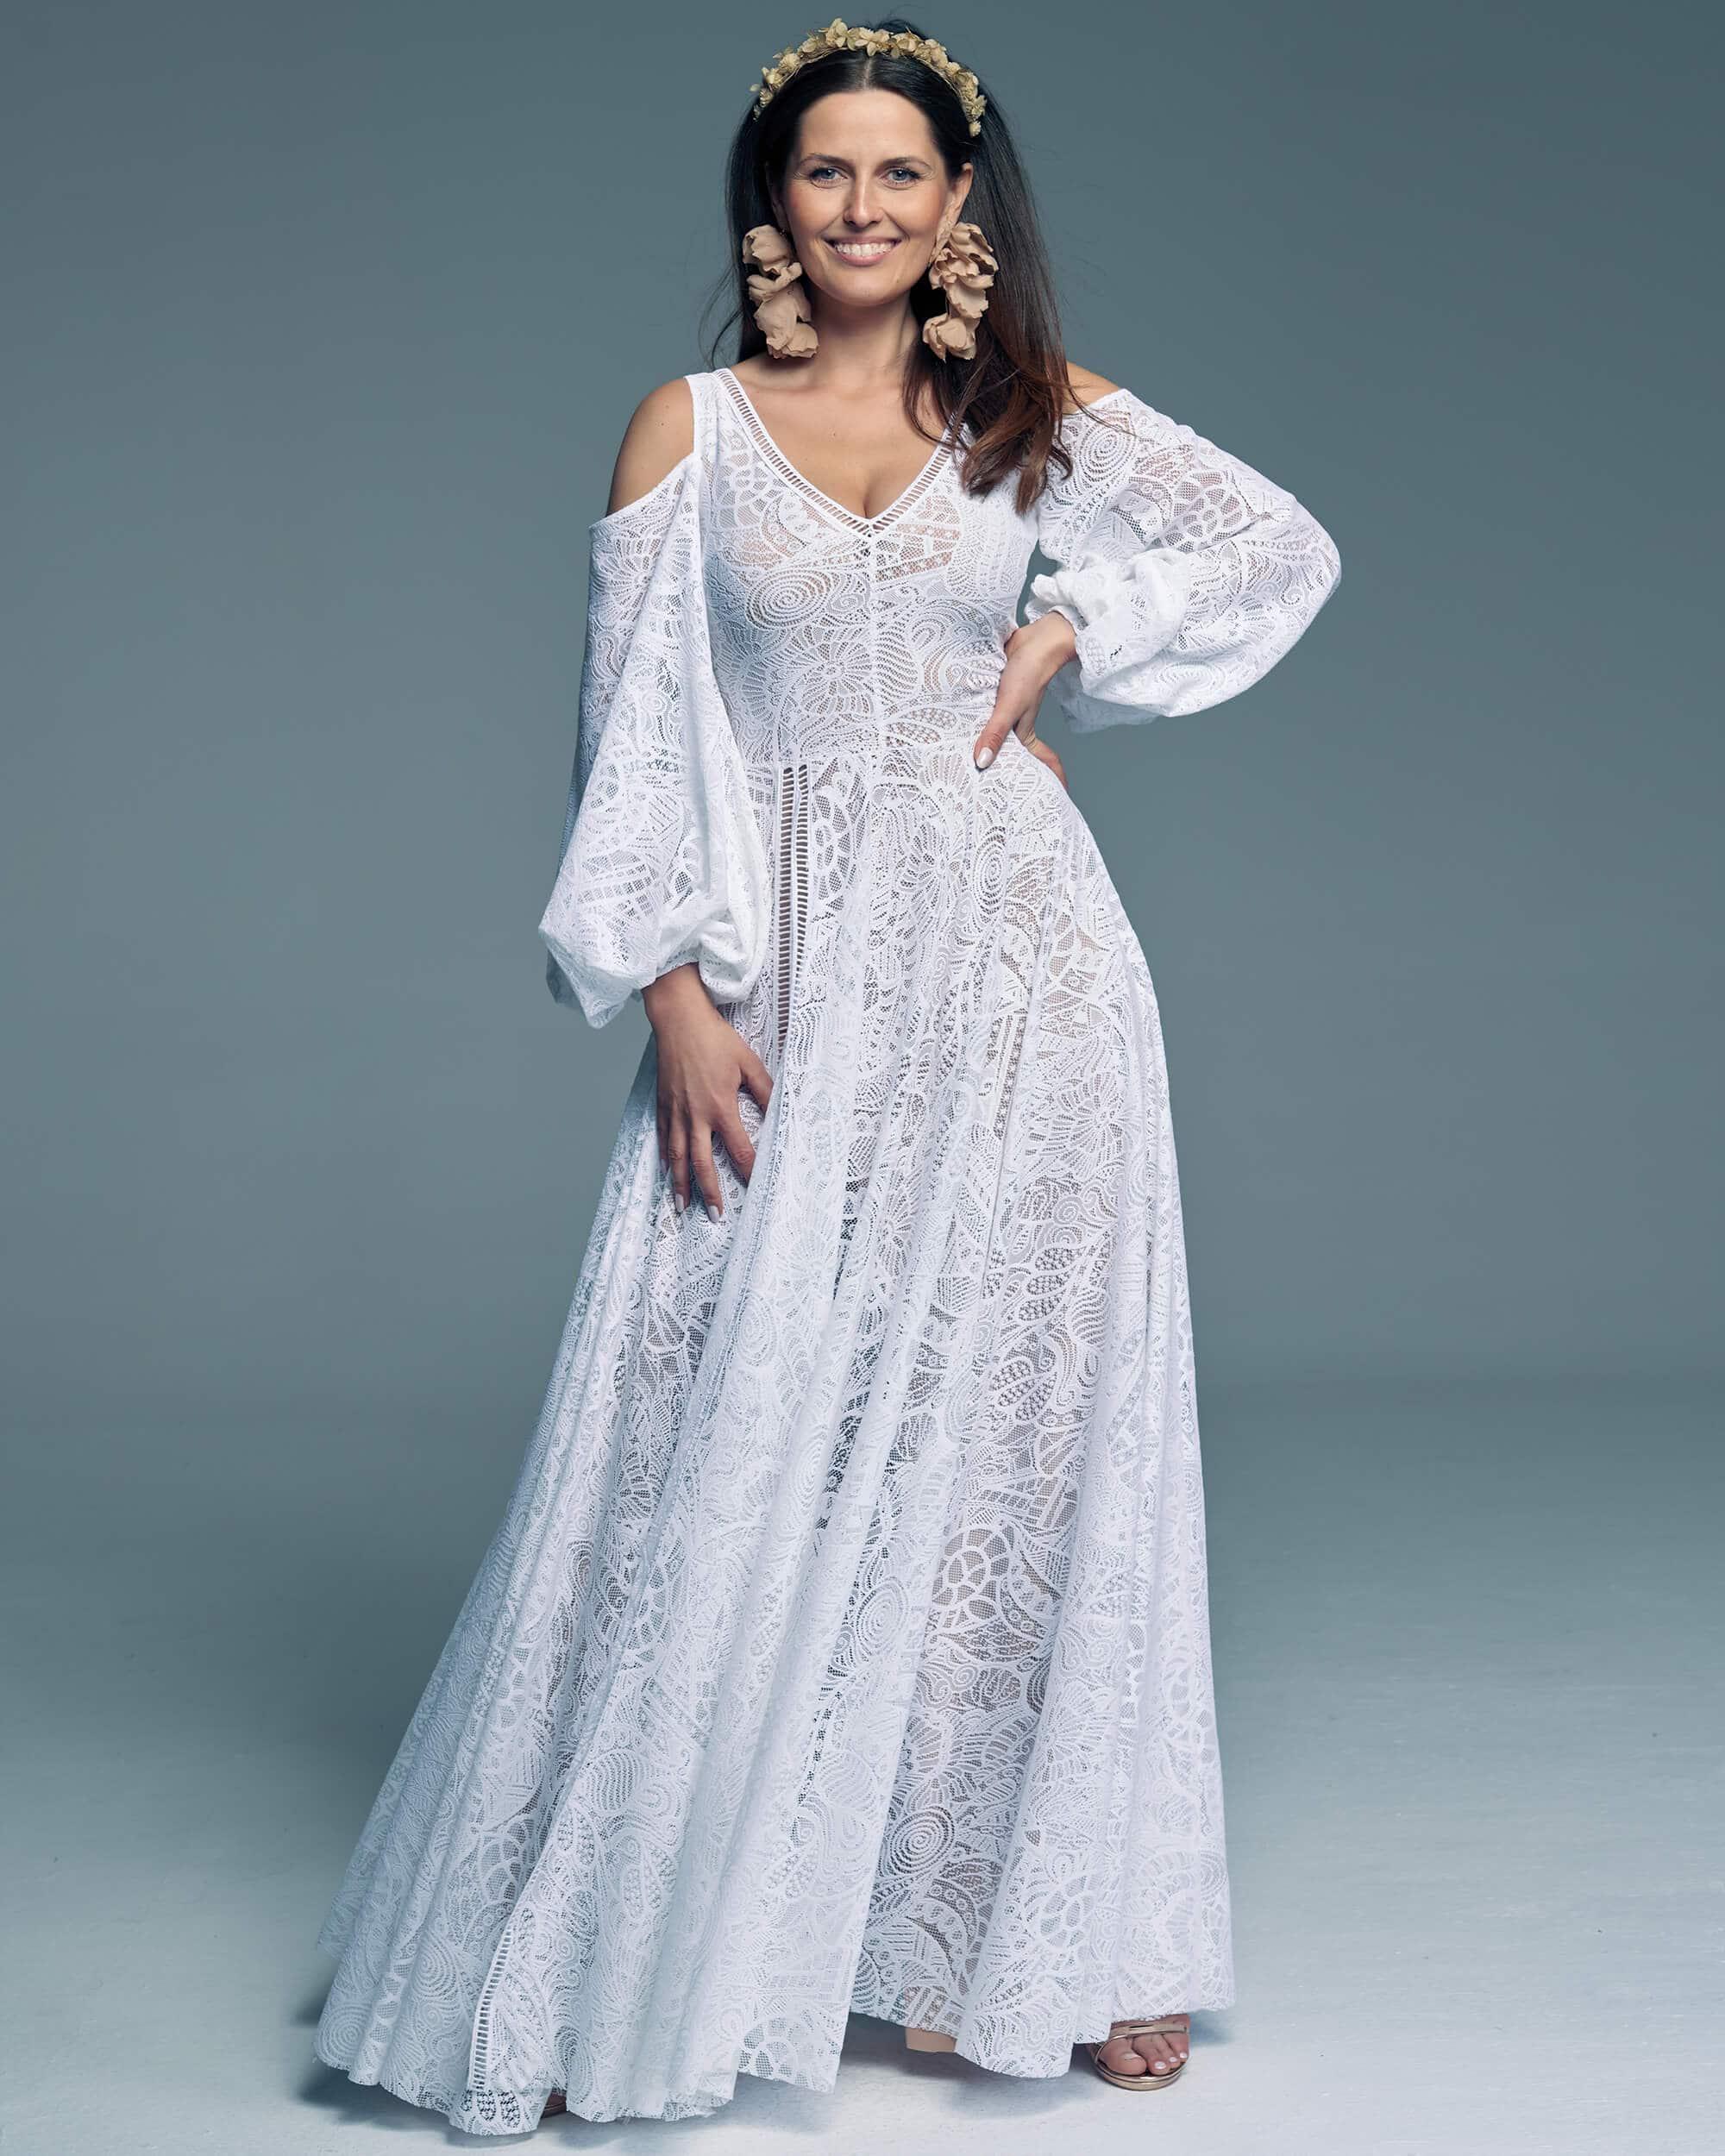 Suknia ślubna - jedna z piękniejszych